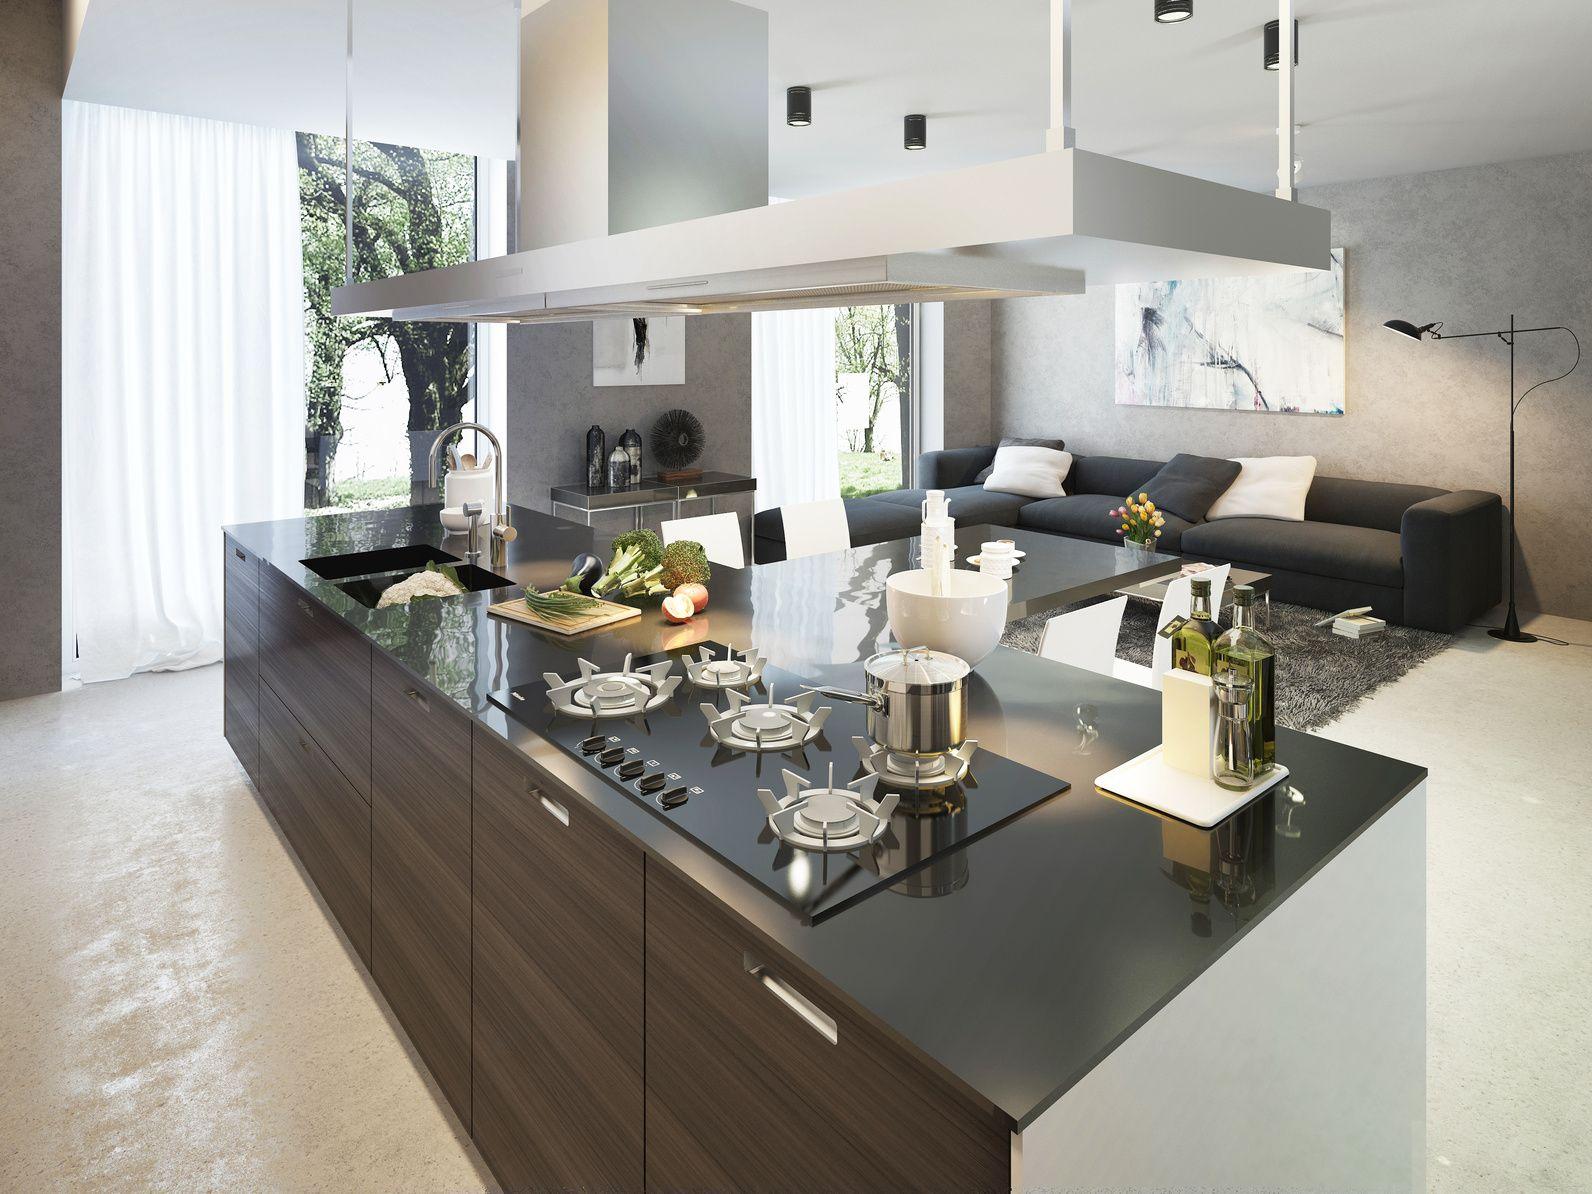 Moderne Wohnküchen moderne offene wohnküche mit kücheninsel offene wohnküchen